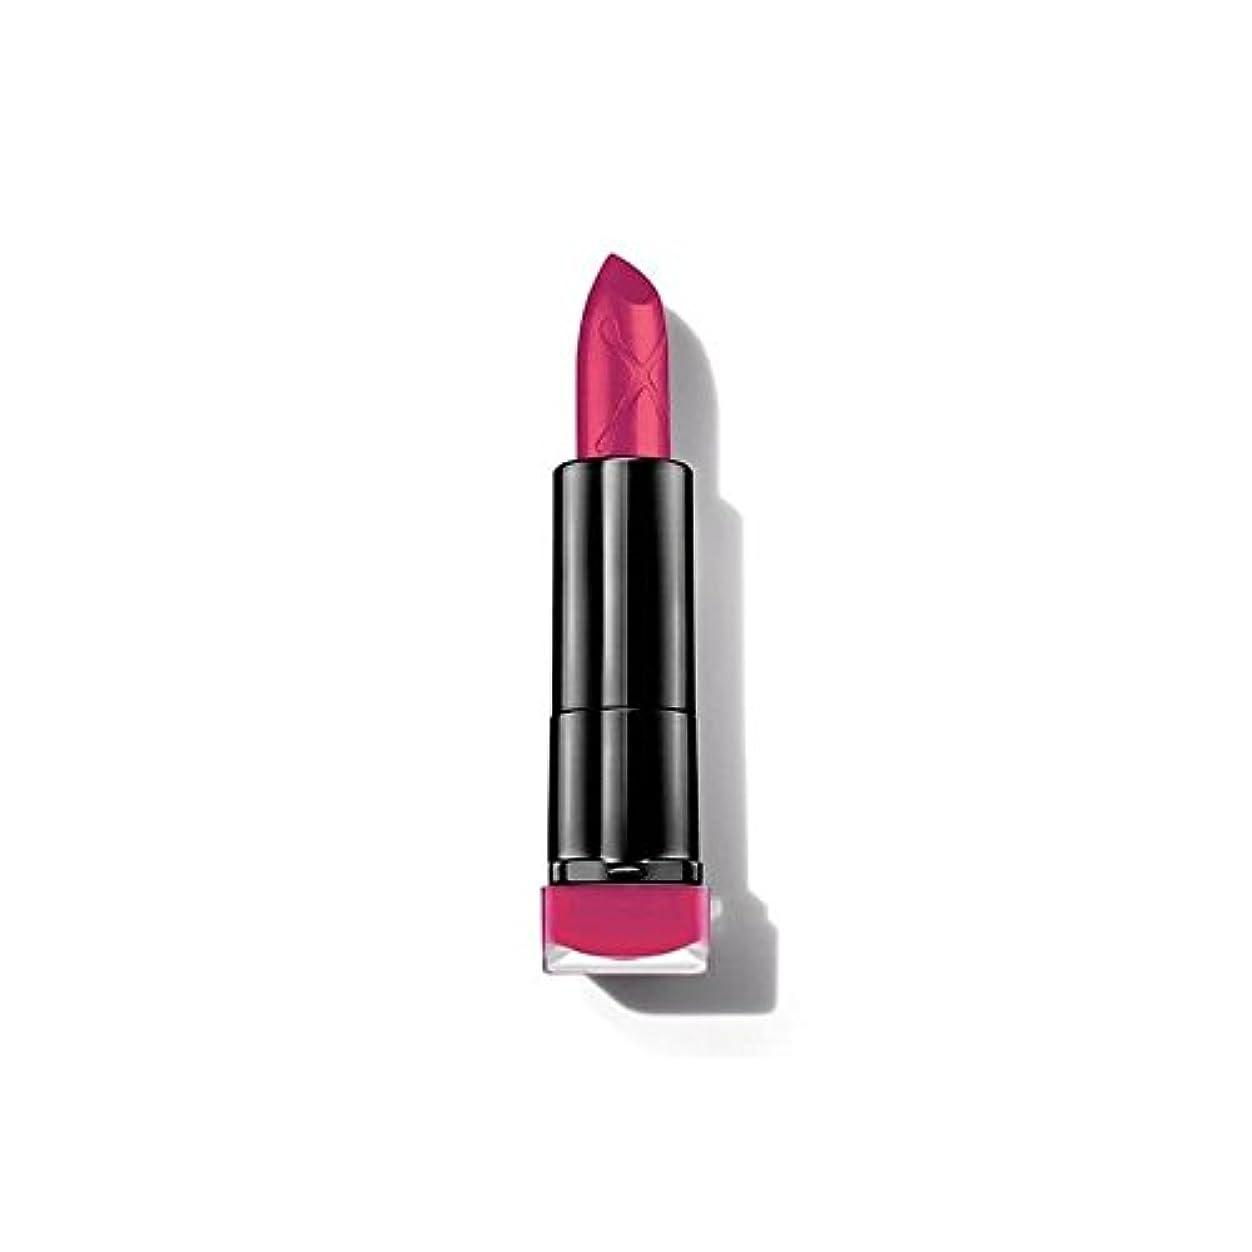 ハム変化ベットMax Factor Colour Elixir Matte Bullet Lipstick Blush 25 - マックスファクターカラーエリキシルマット弾丸口紅赤面25 [並行輸入品]